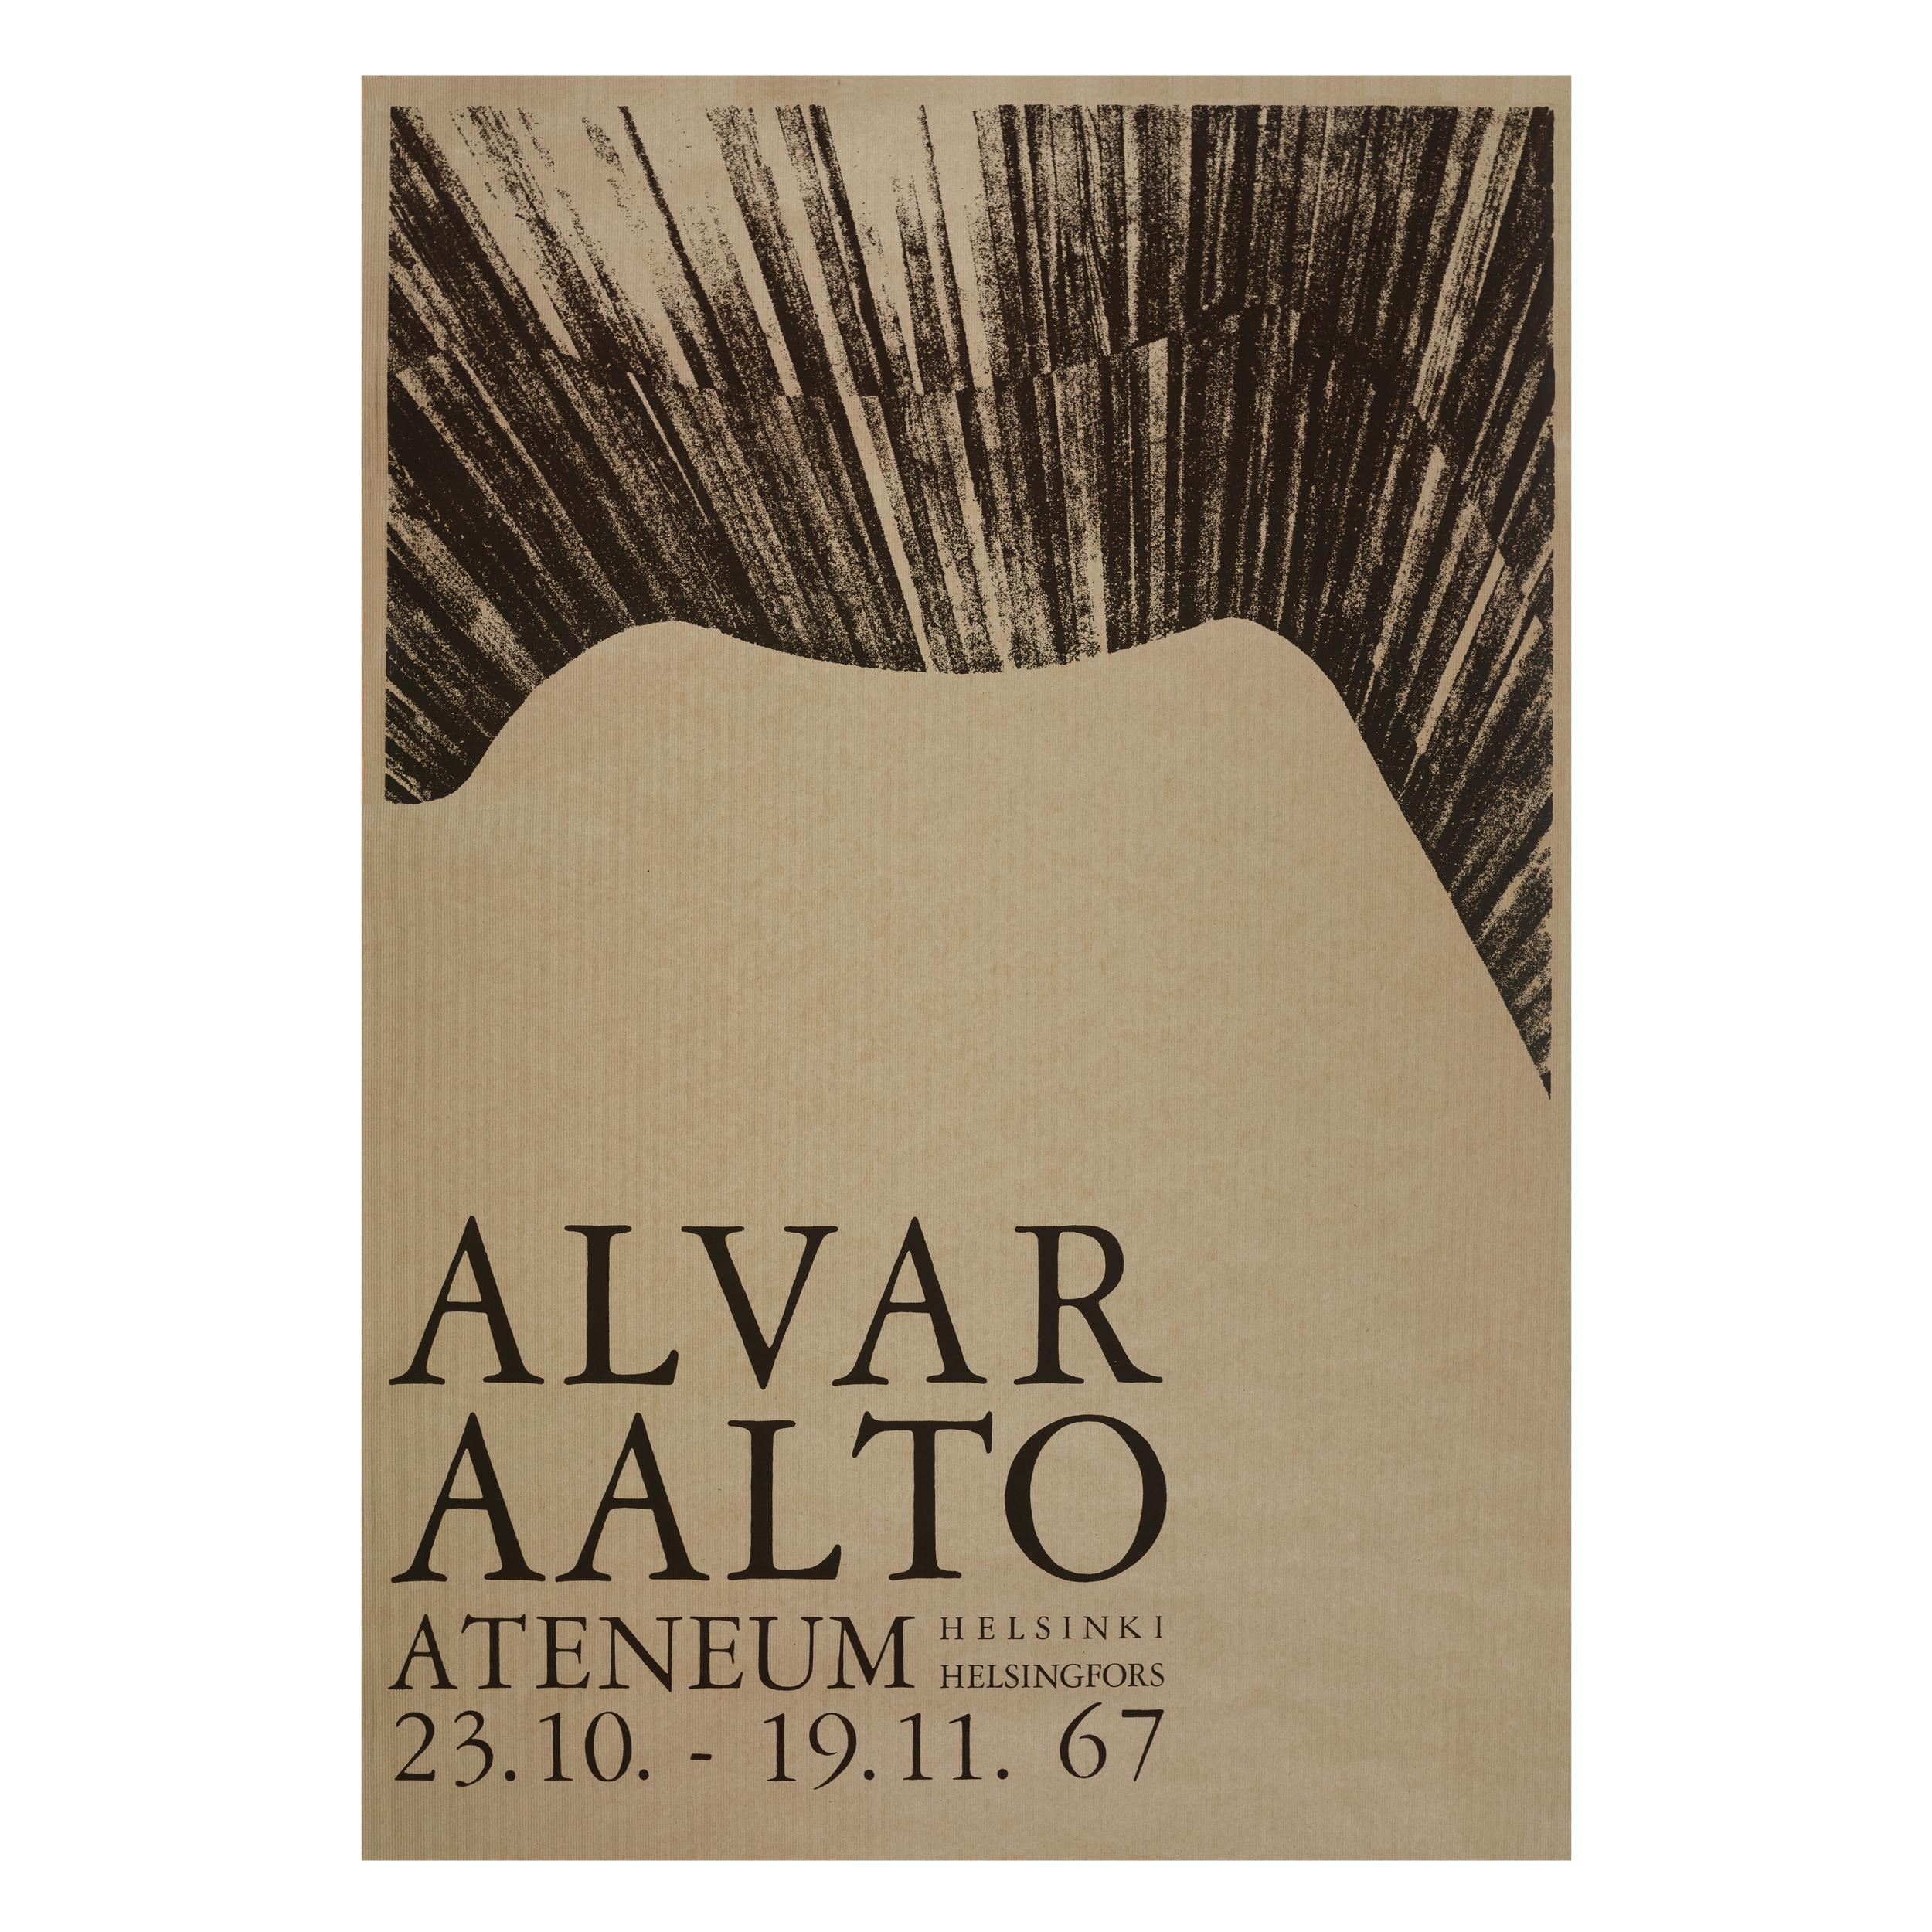 Alvar Aalto Ateneum